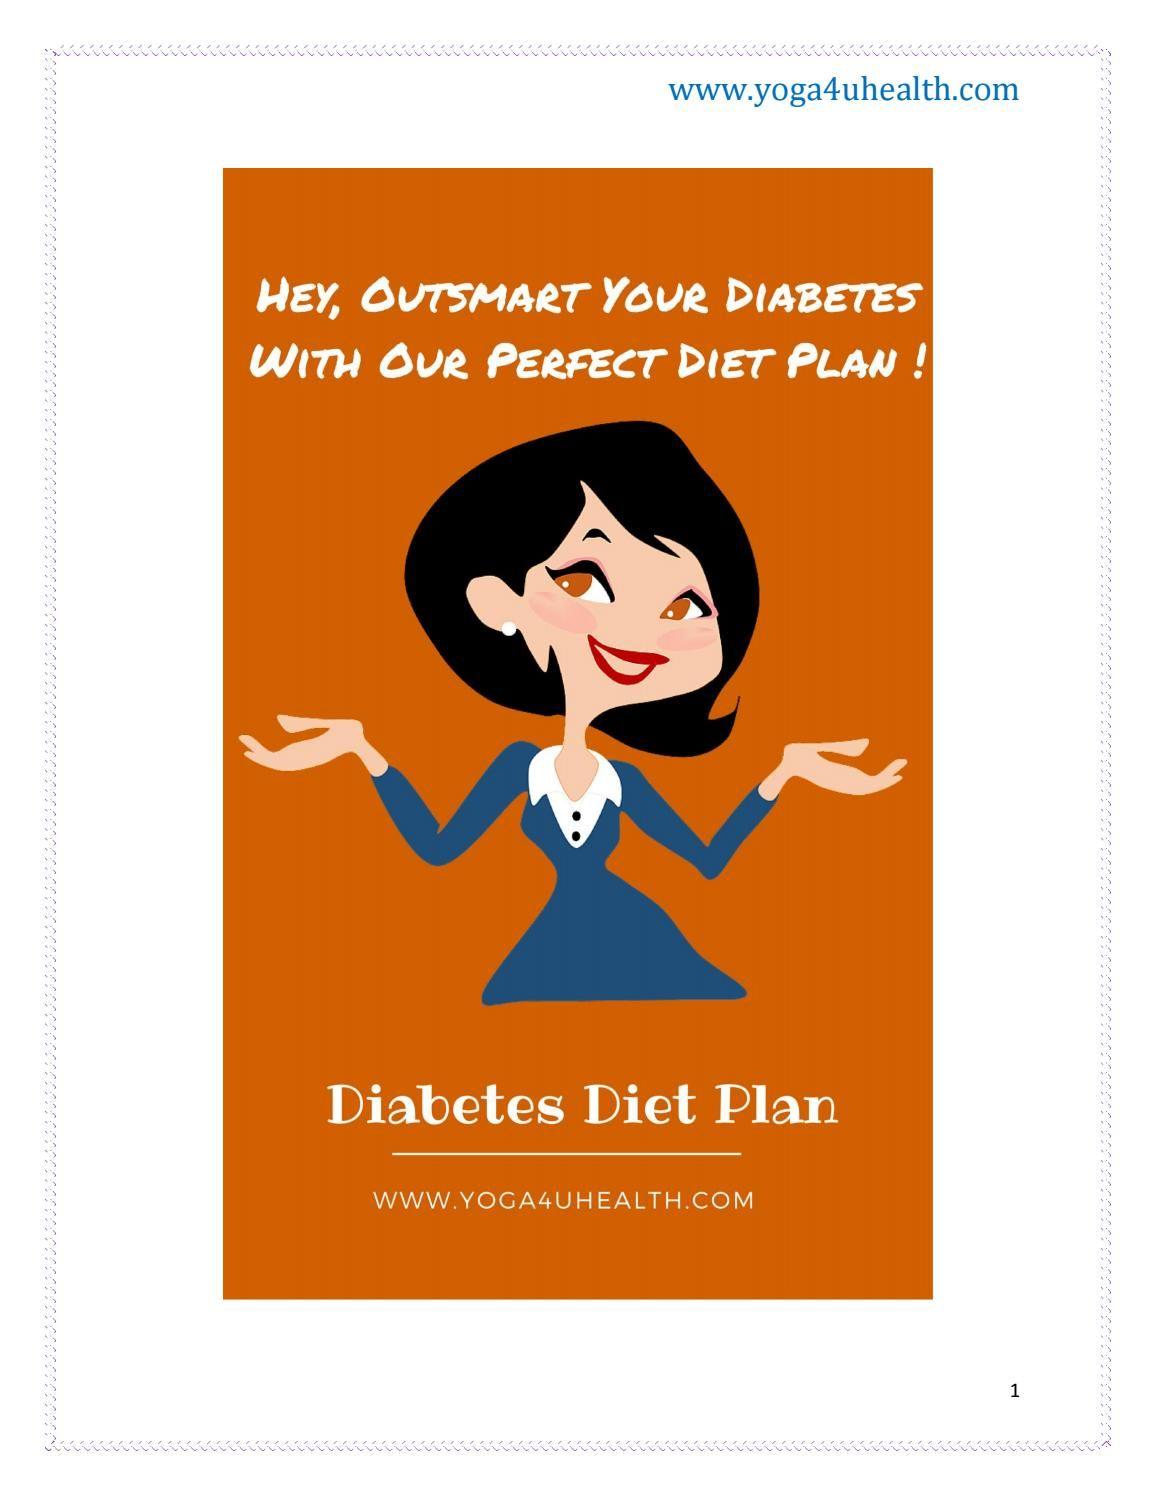 Diet plan per week